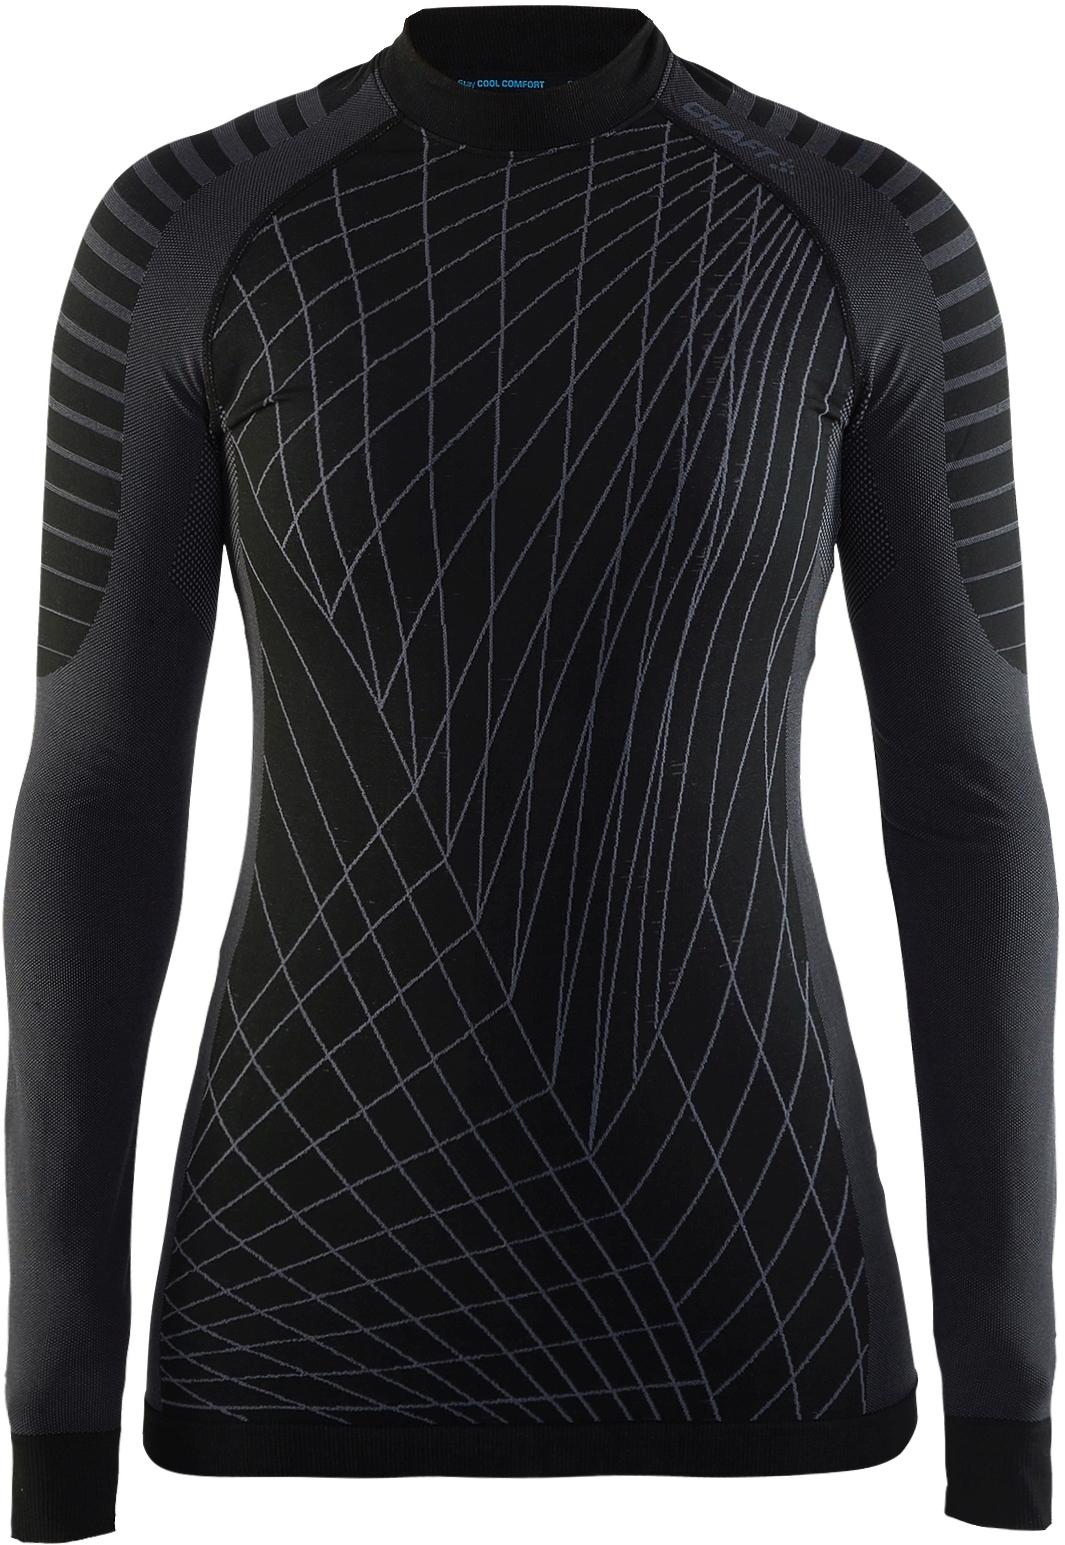 Dámské funkční triko s dlouhým rukávem Craft Active Intensity - černá 39655bb4a0e